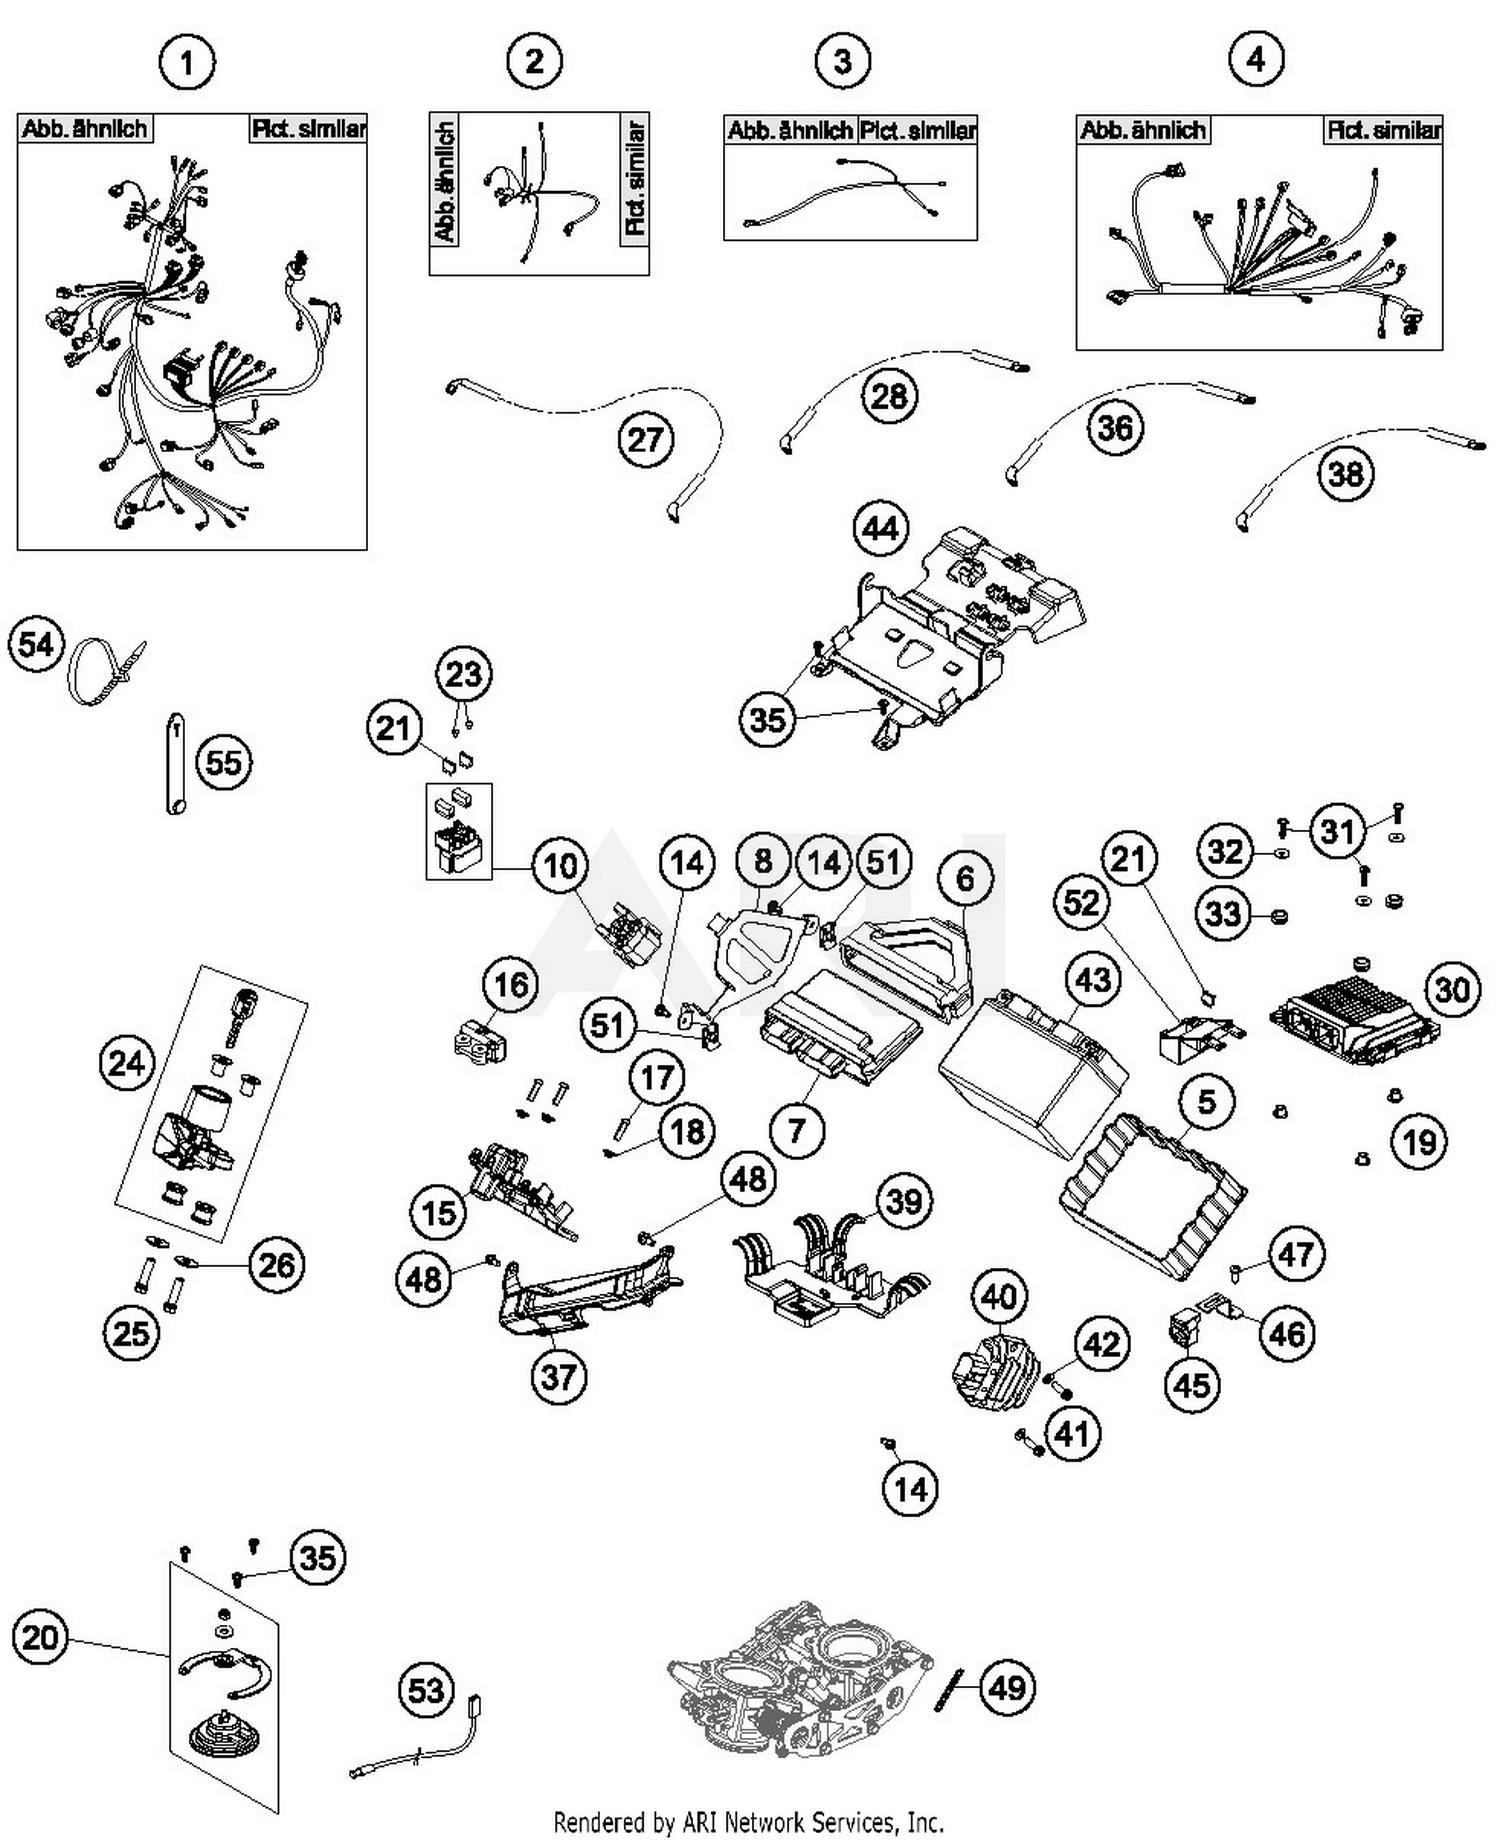 2017 Ktm 1090 Adventure R Wiring Harness Parts Best Oem Diagram Schematic Search Results 0 In Schematics